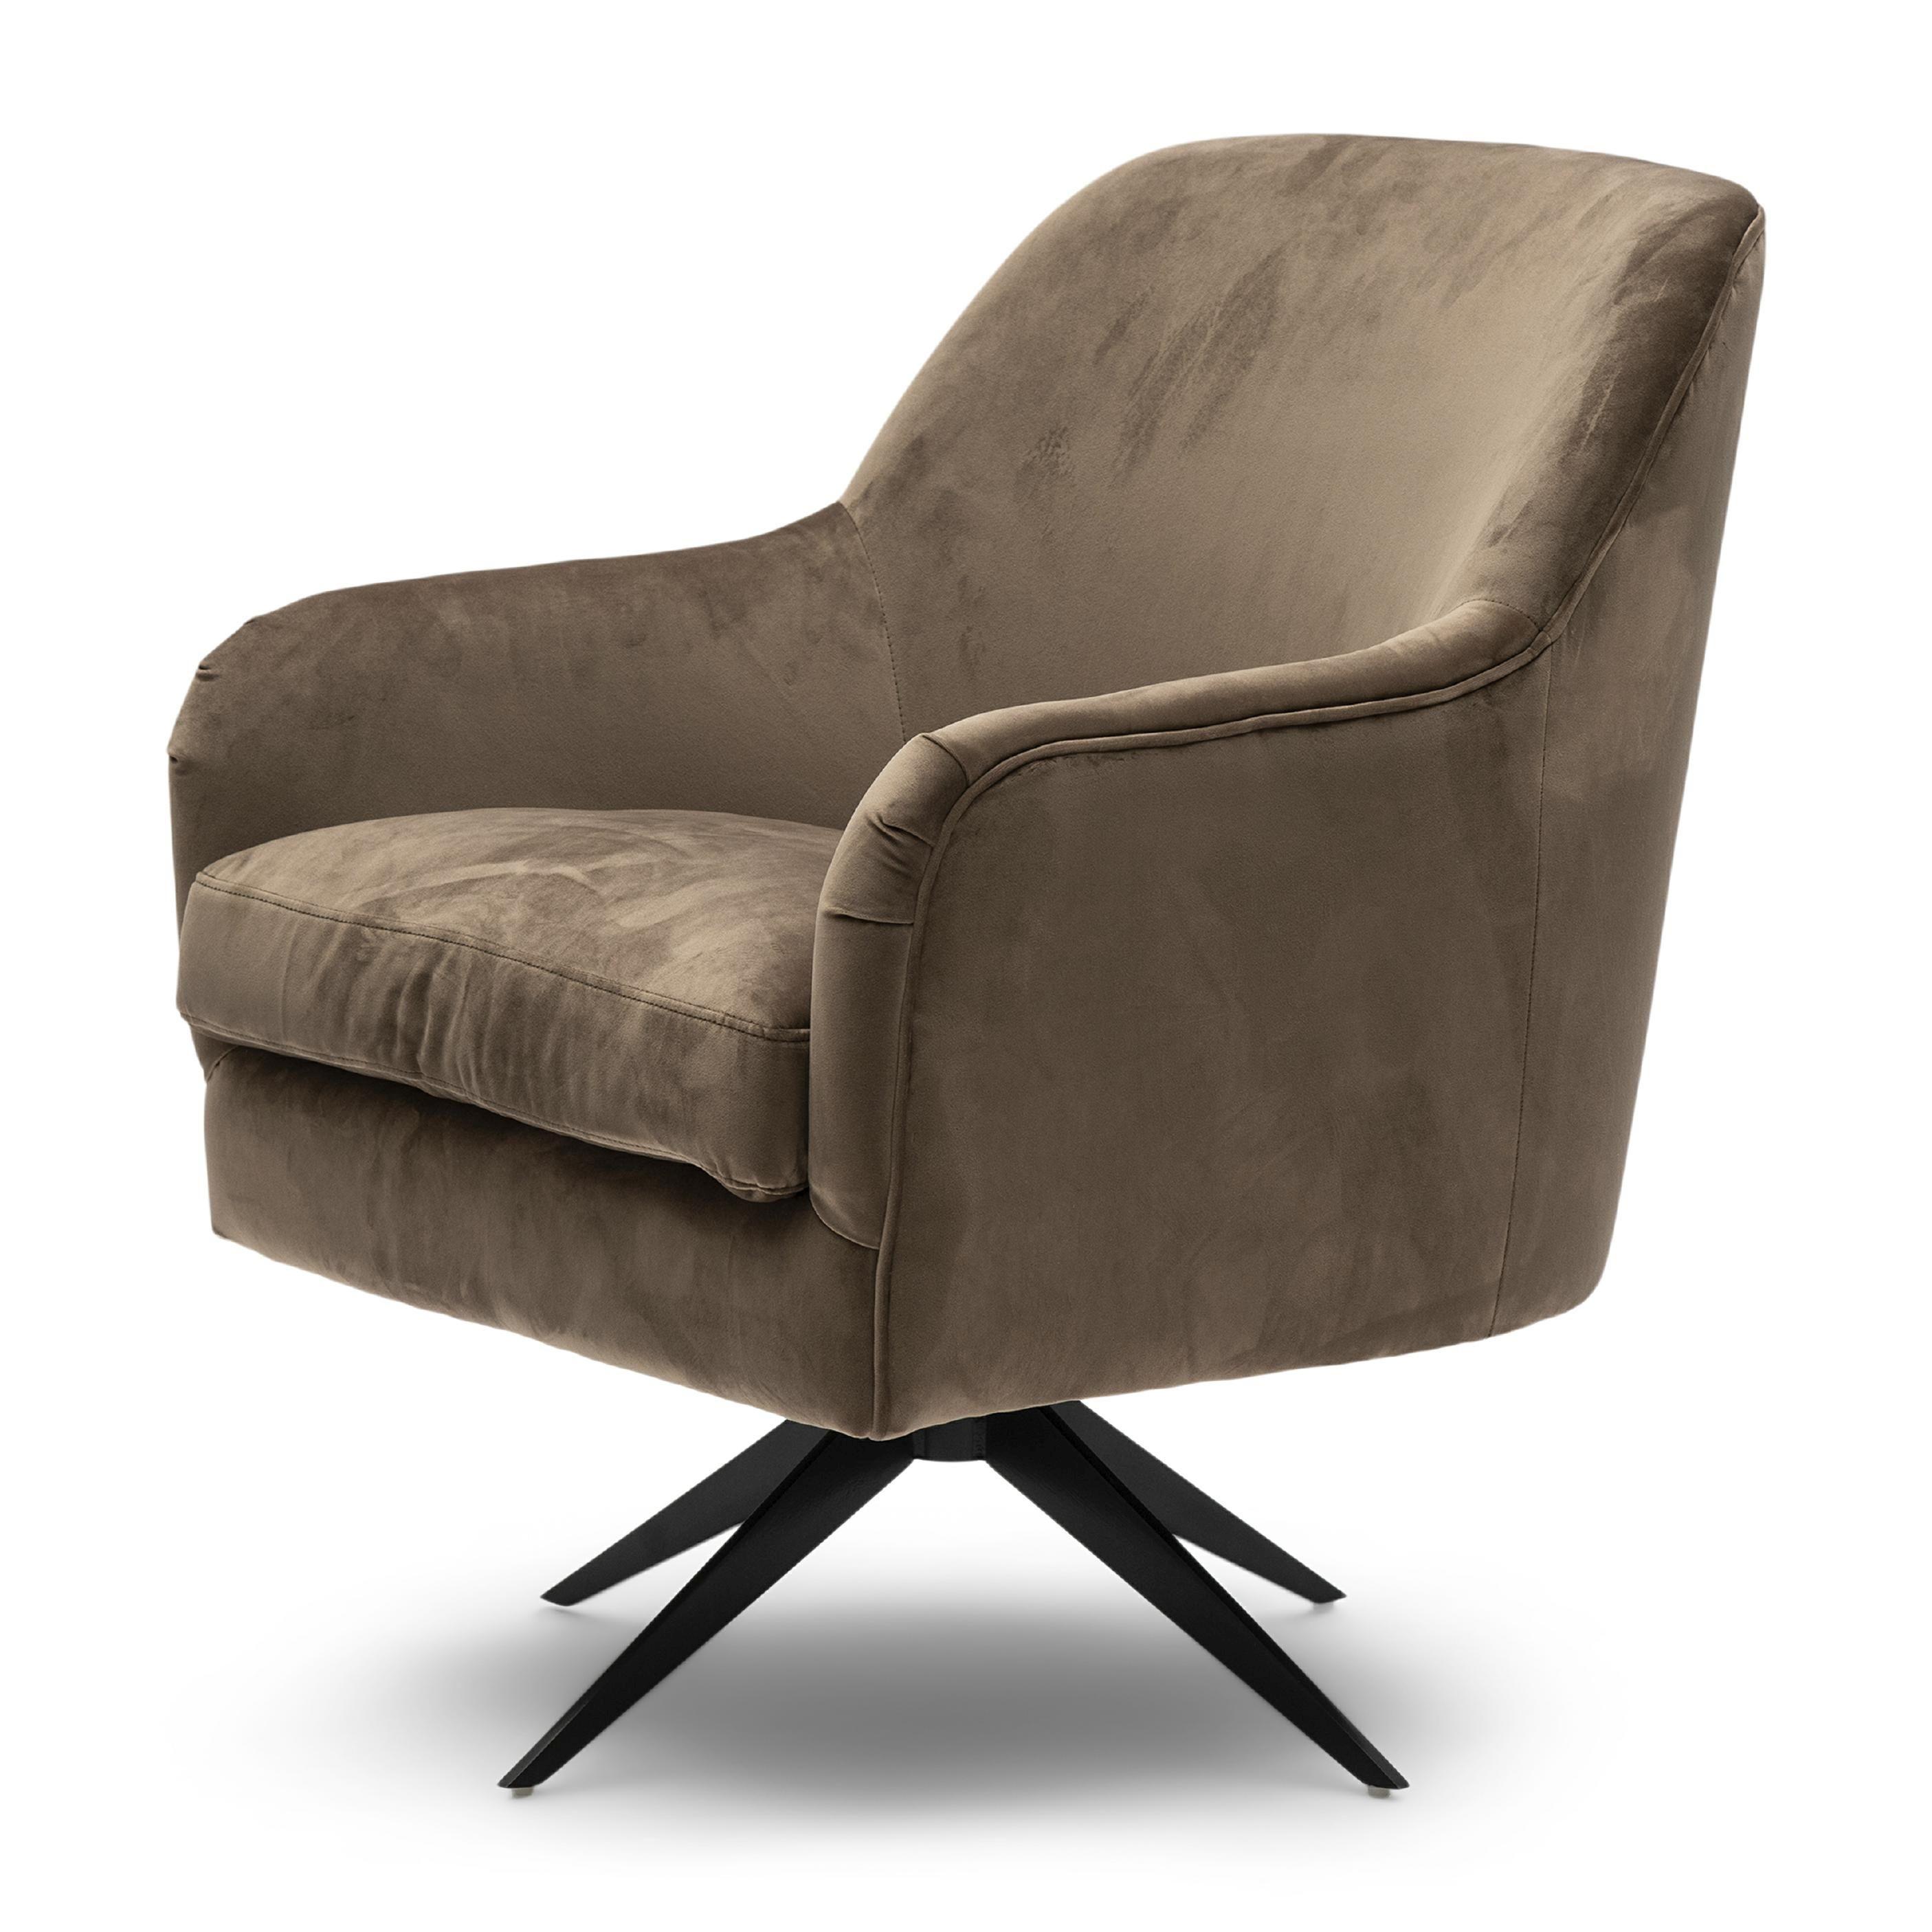 Fawcett Swivel Chair Black Leg velvet III golden mink / Rivièra Maison